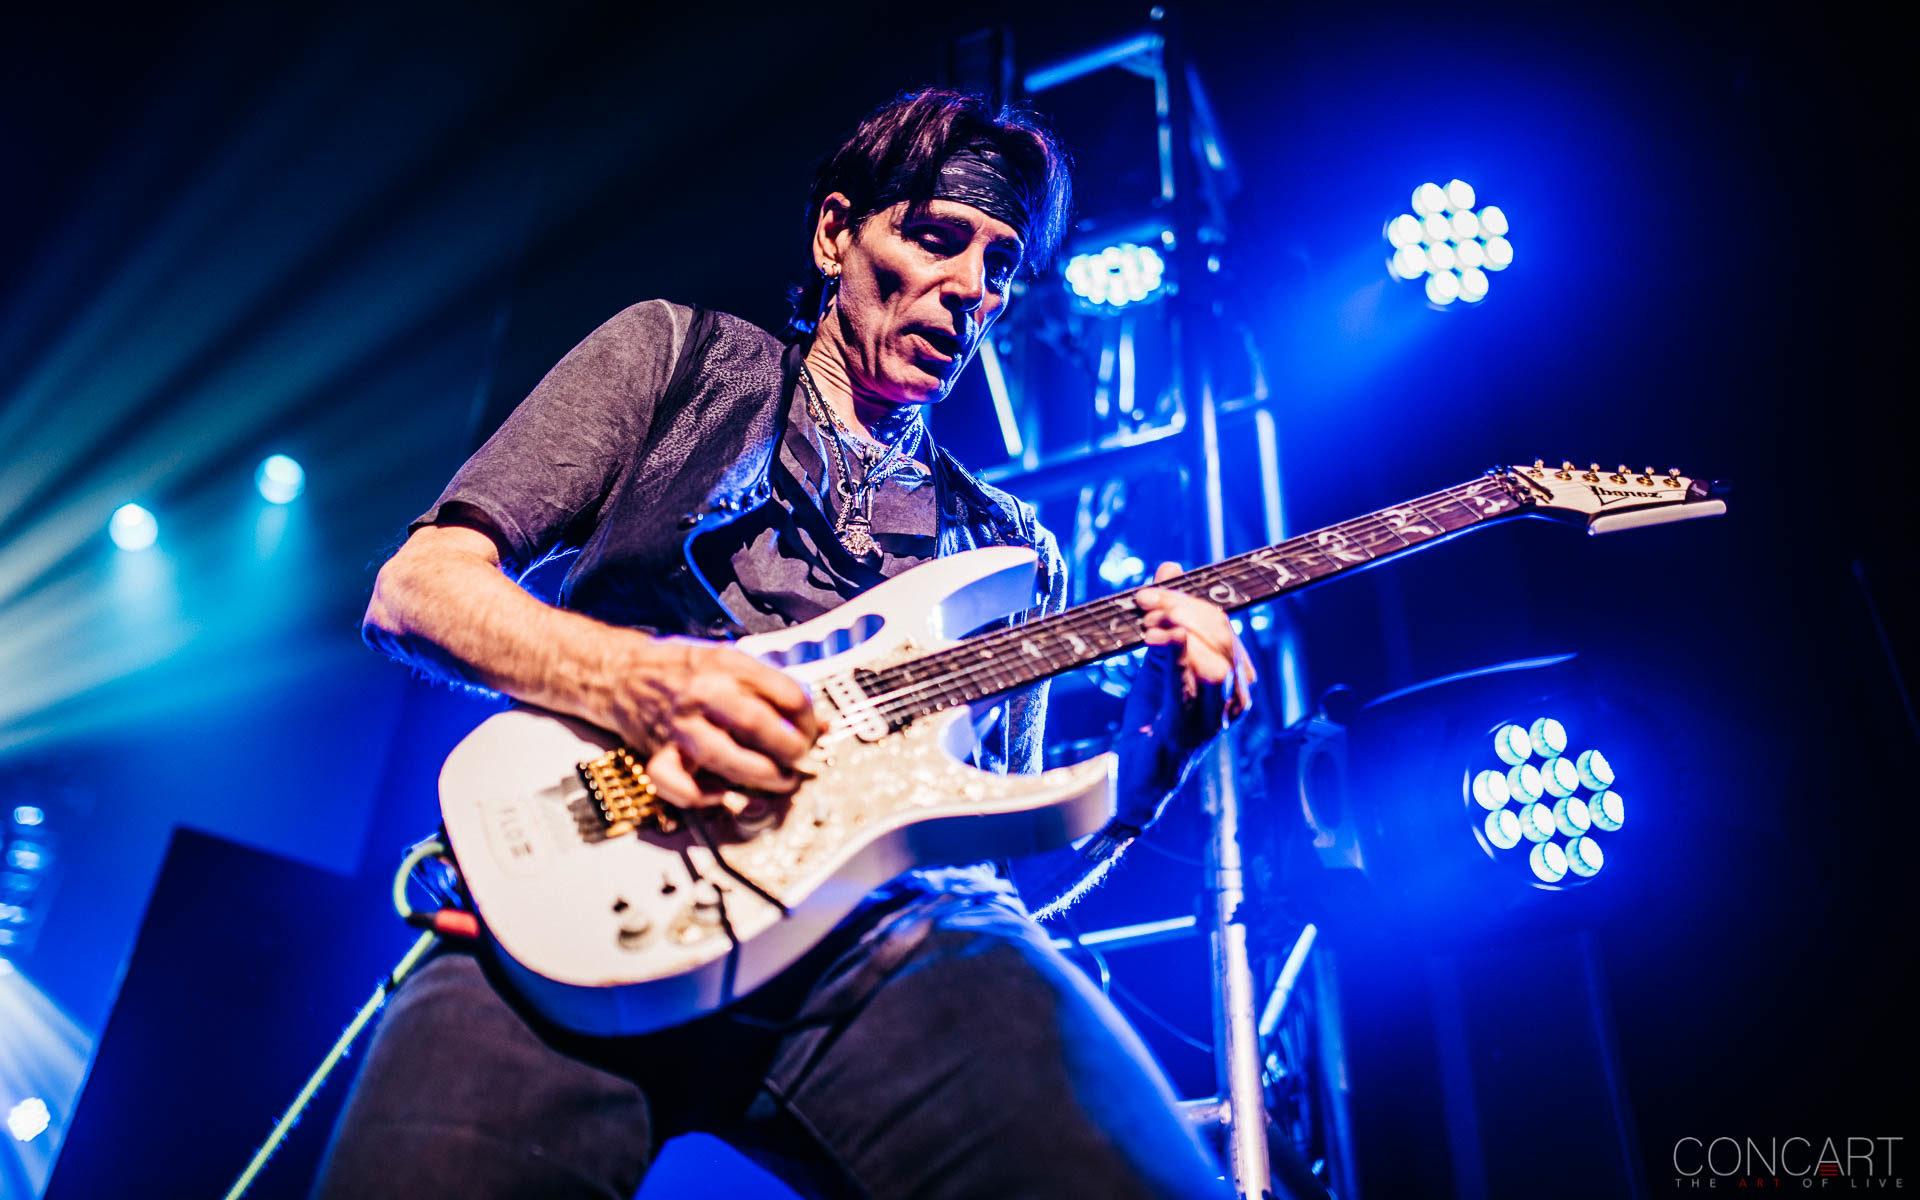 Steve Vai photo by Sean Molin 24